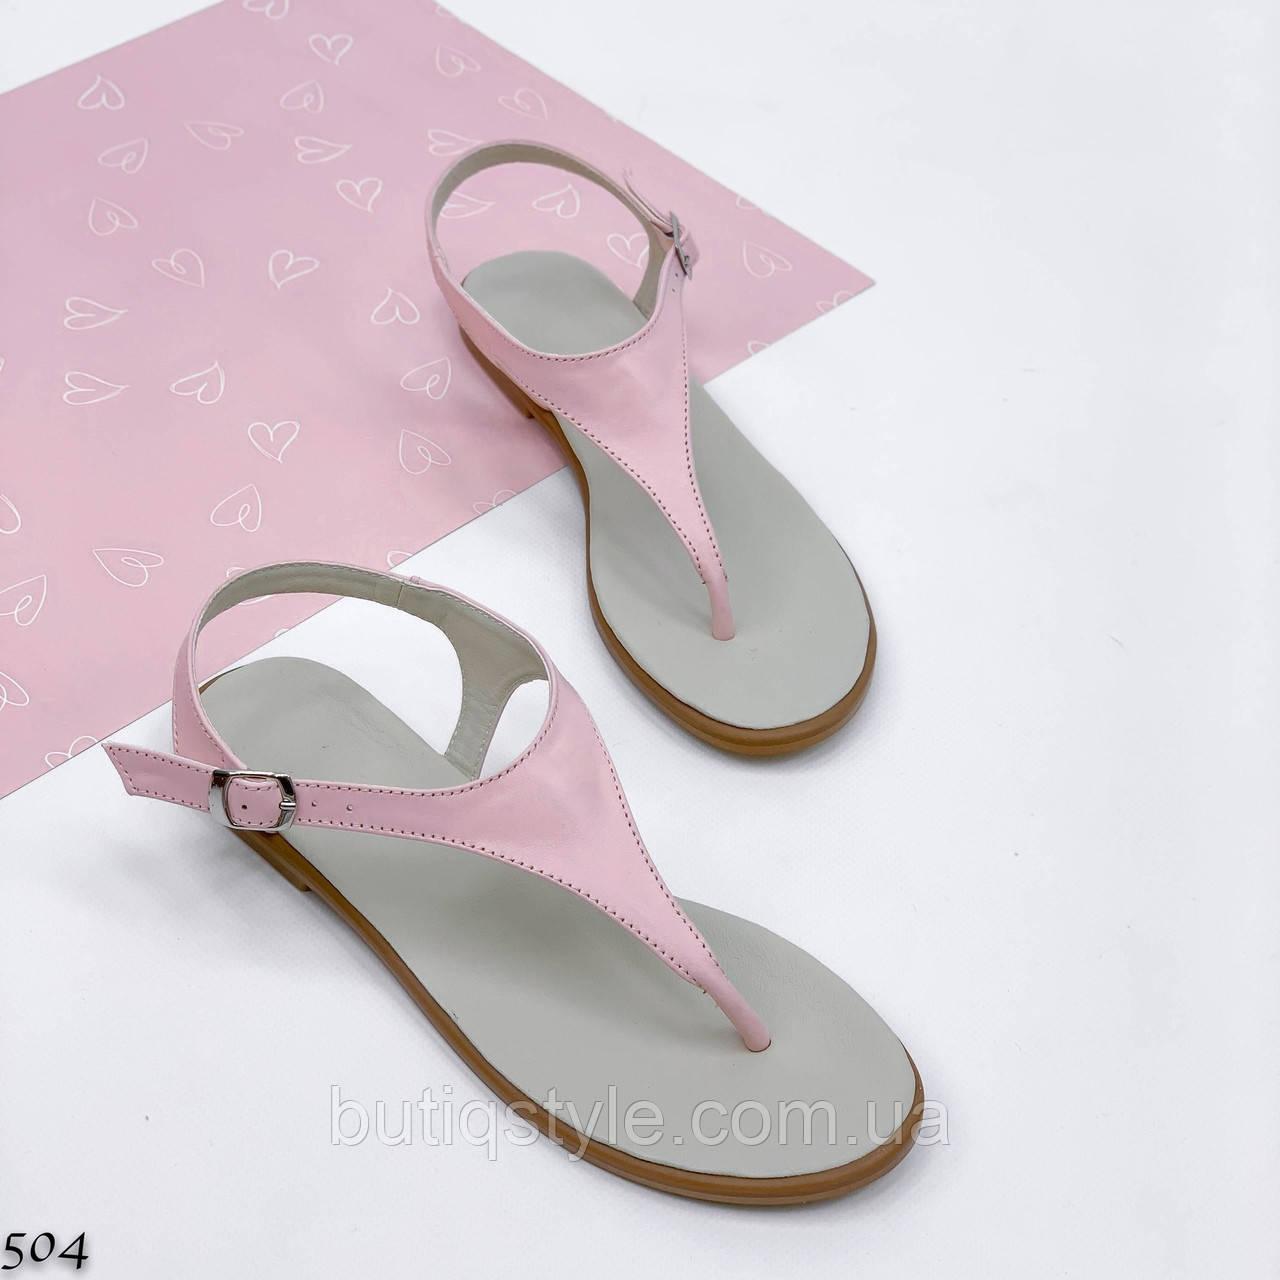 Рожеві жіночі босоніжки натуральна шкіра за пальчик